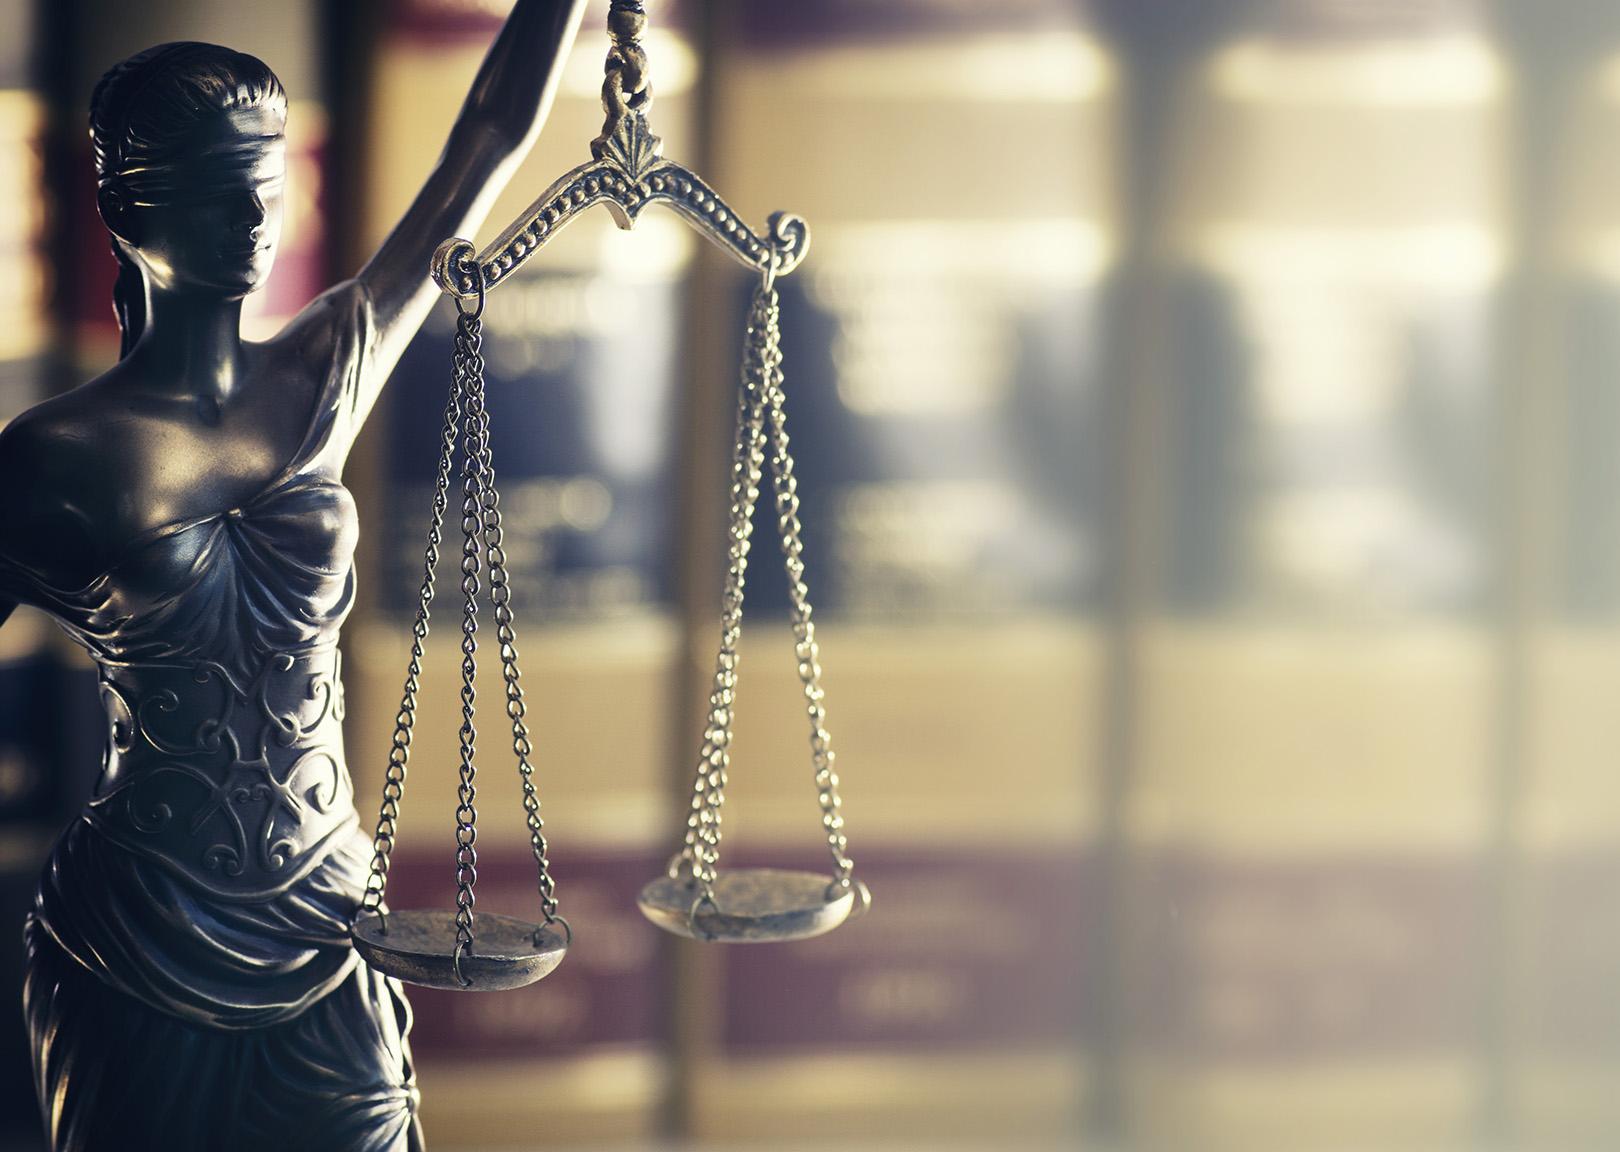 Les cabinets d'avocats doivent innover pour survivre